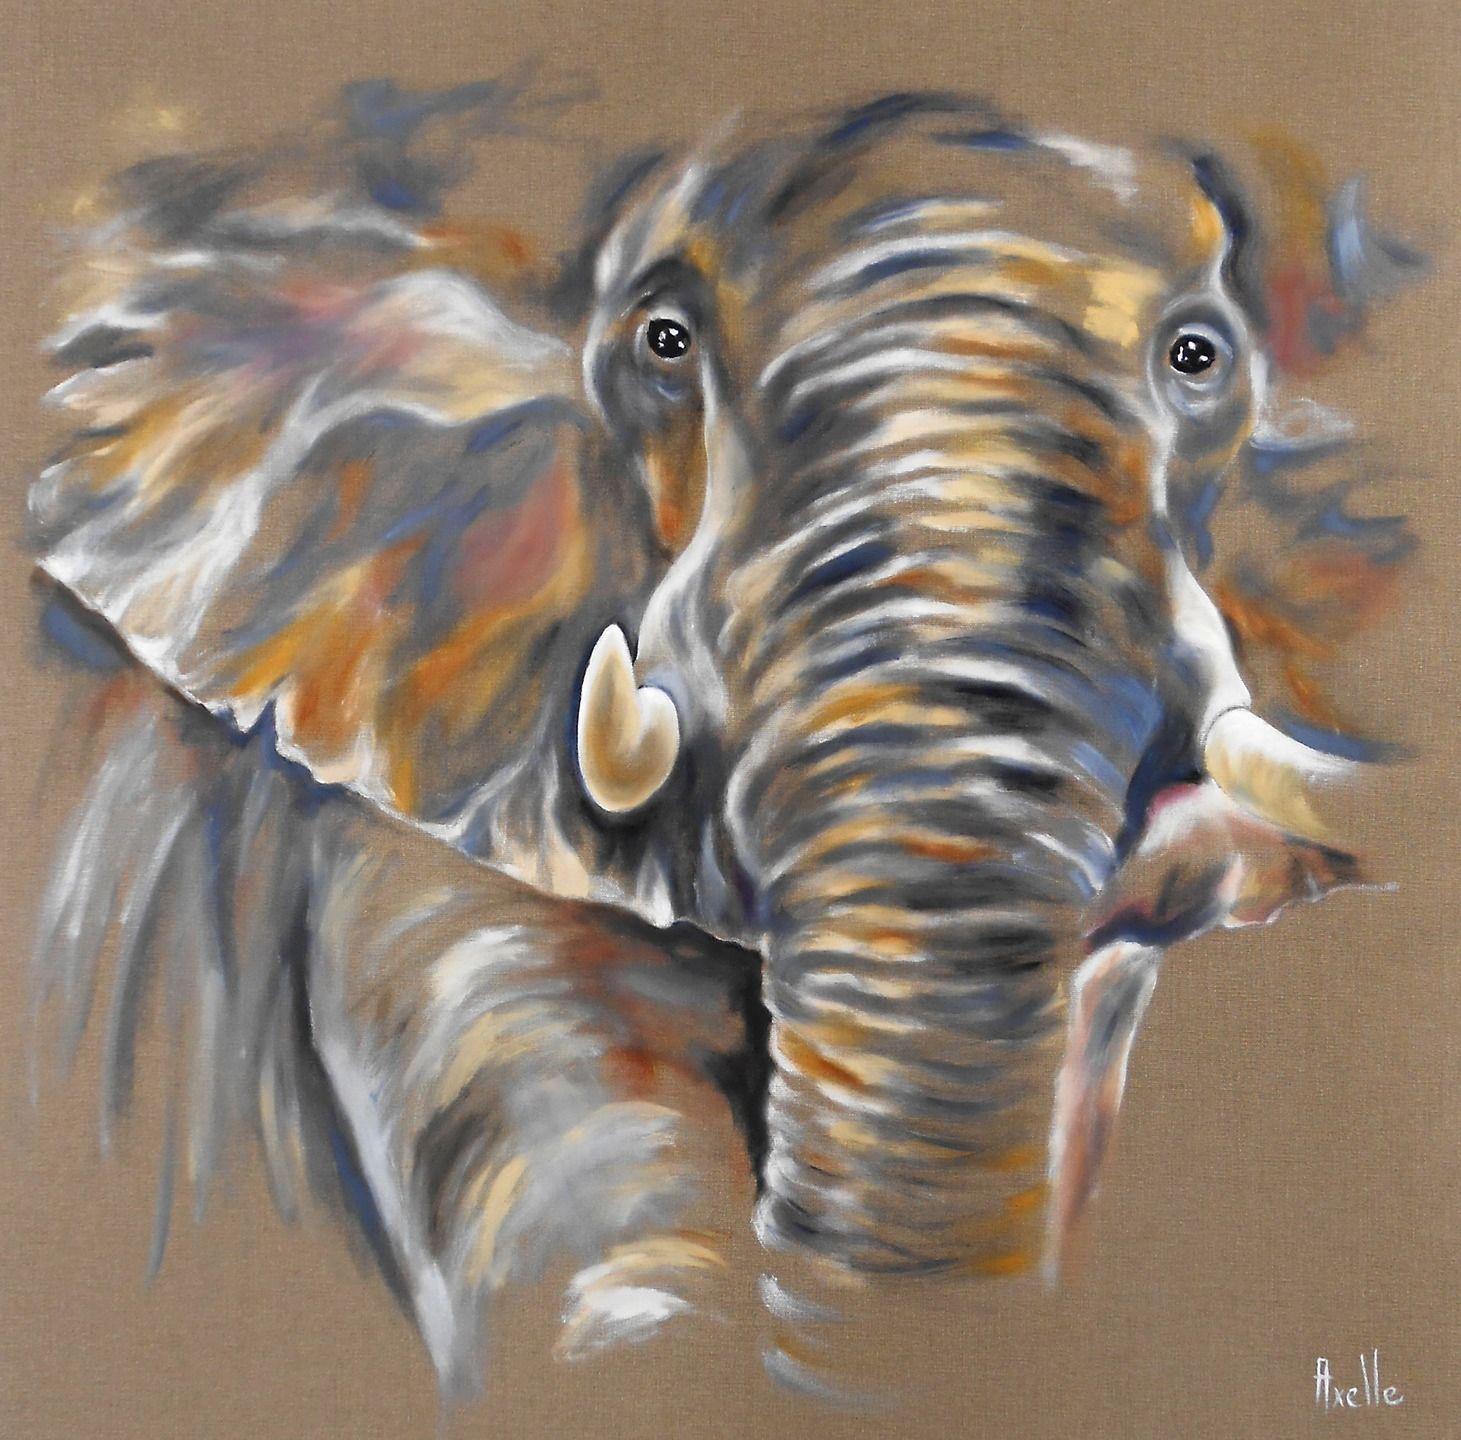 Tableau 3d D Un Elephant D Afrique Solitaire Vu De Face Peintures Par Peintures Axelle Bosler Peinture D Elephant Dessin Elephant Art Elephant